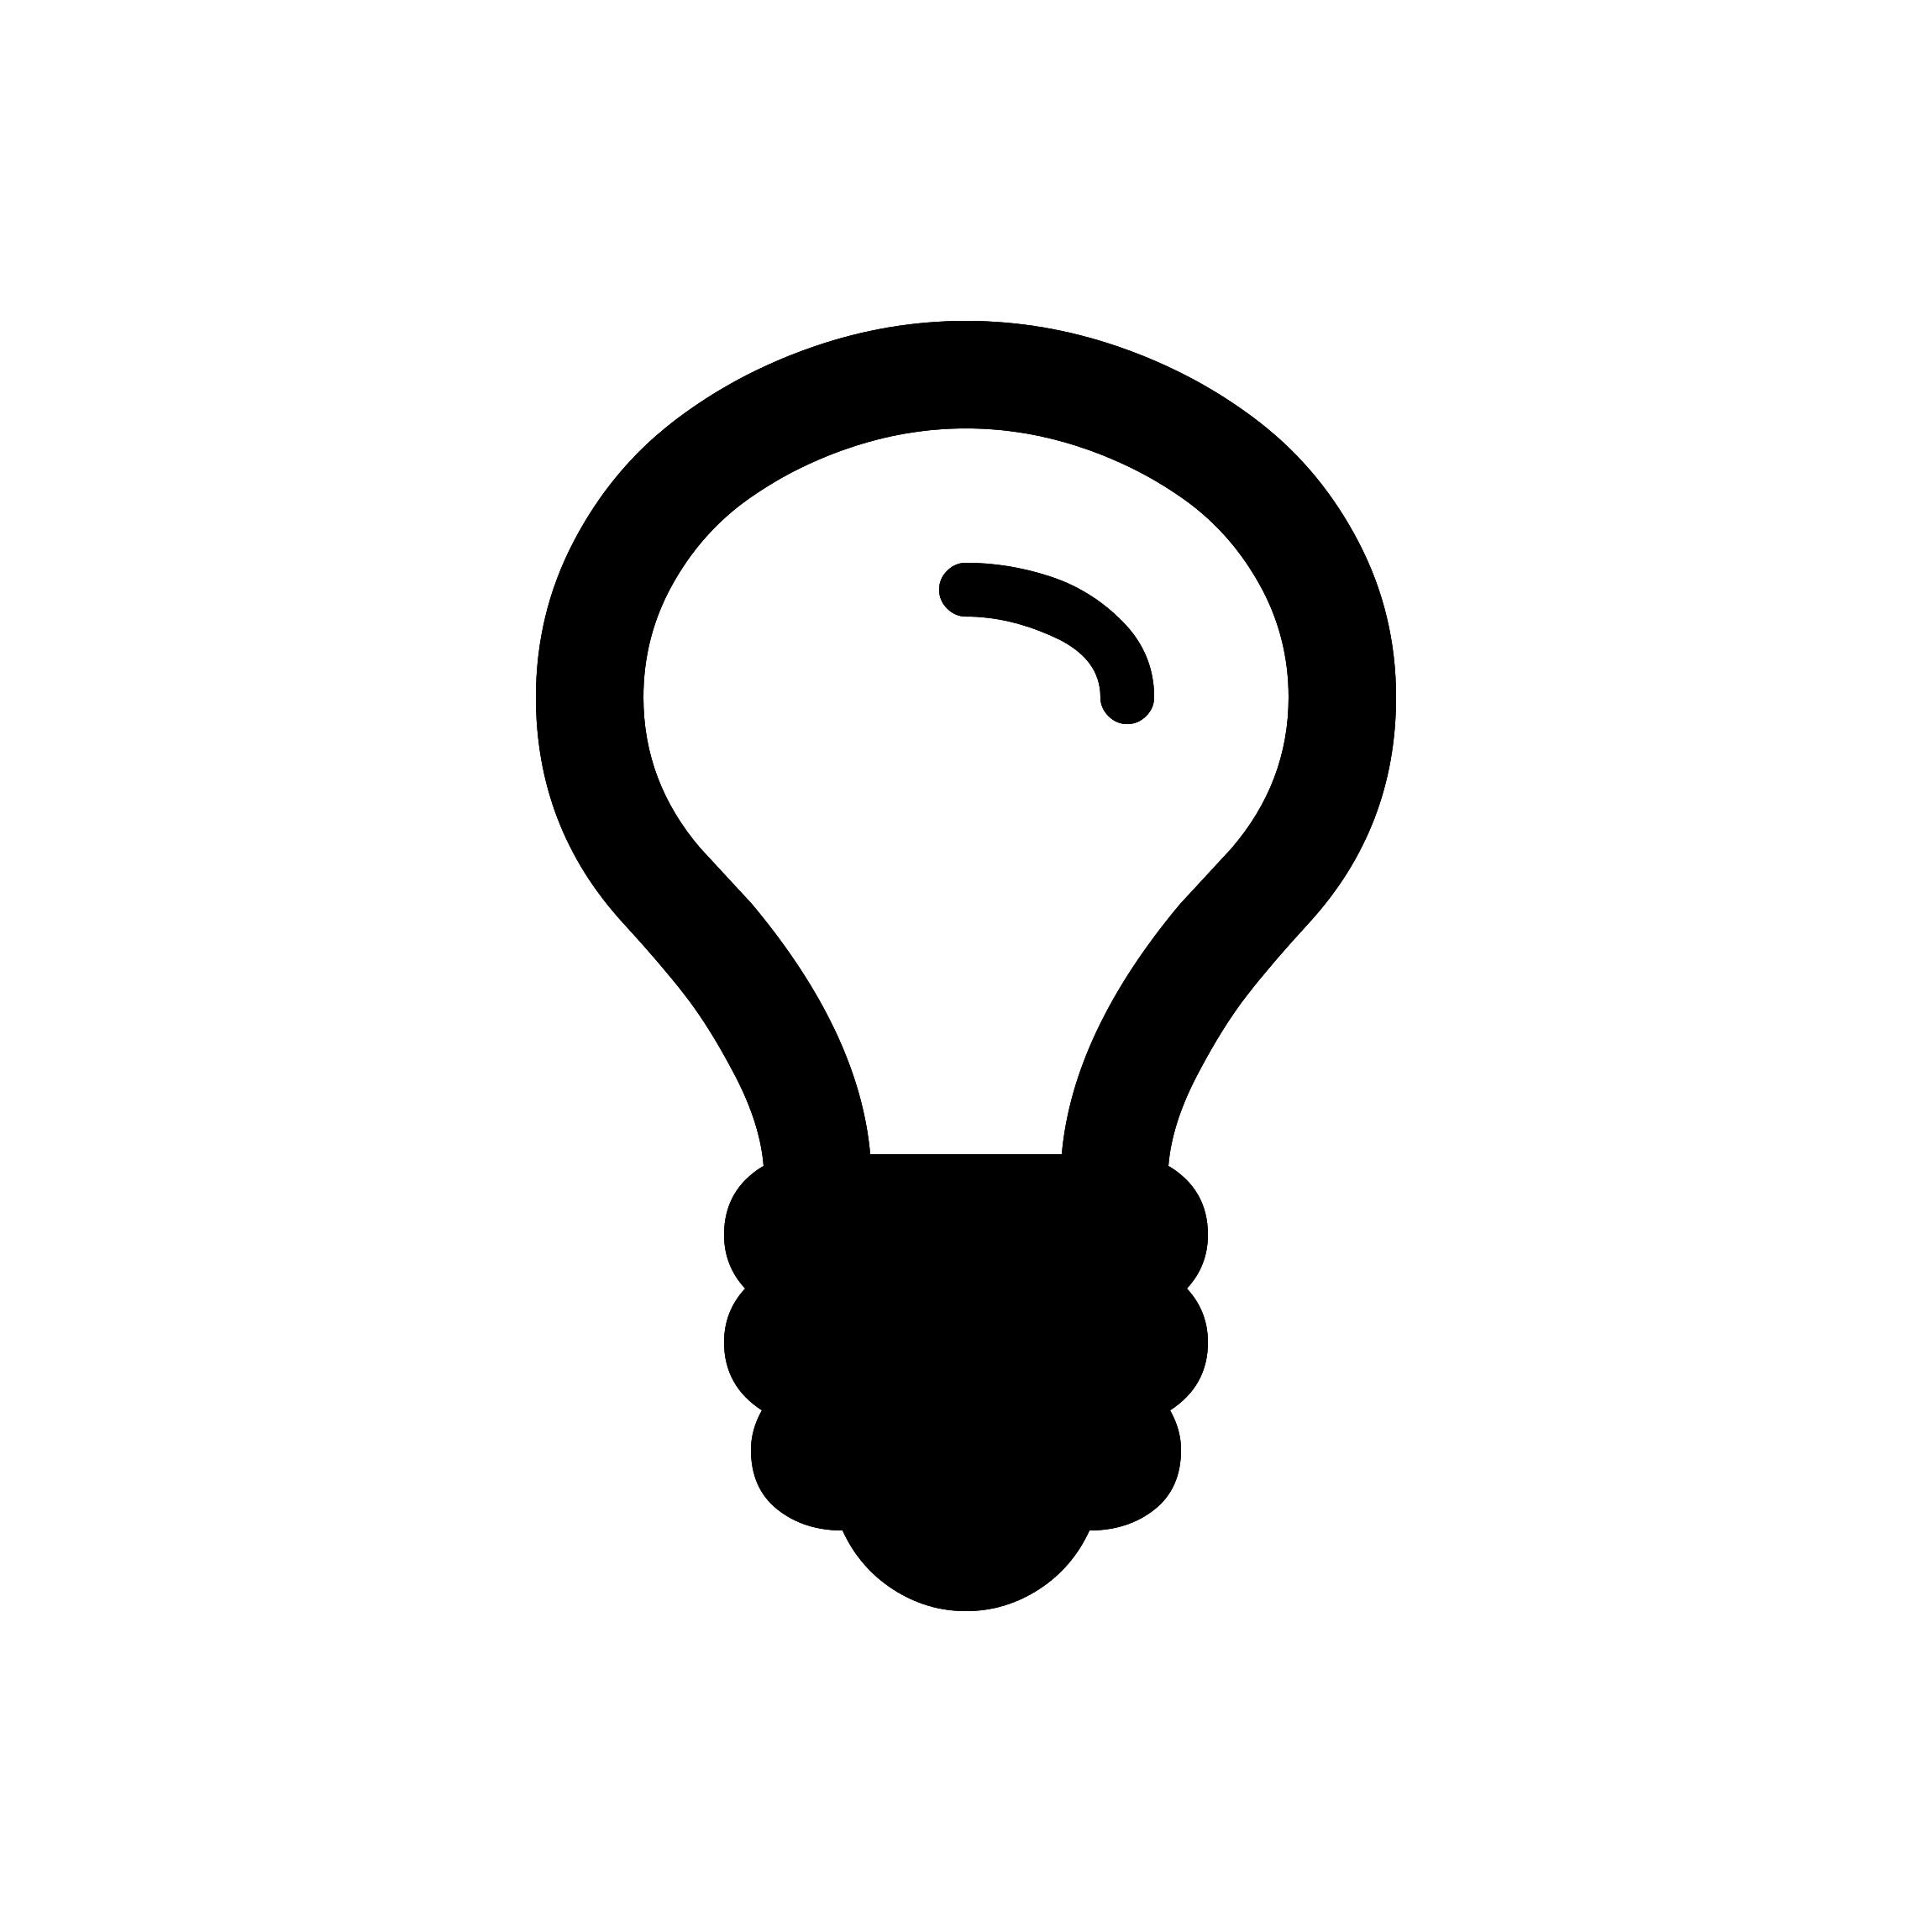 data/images/lightbulb-o.png